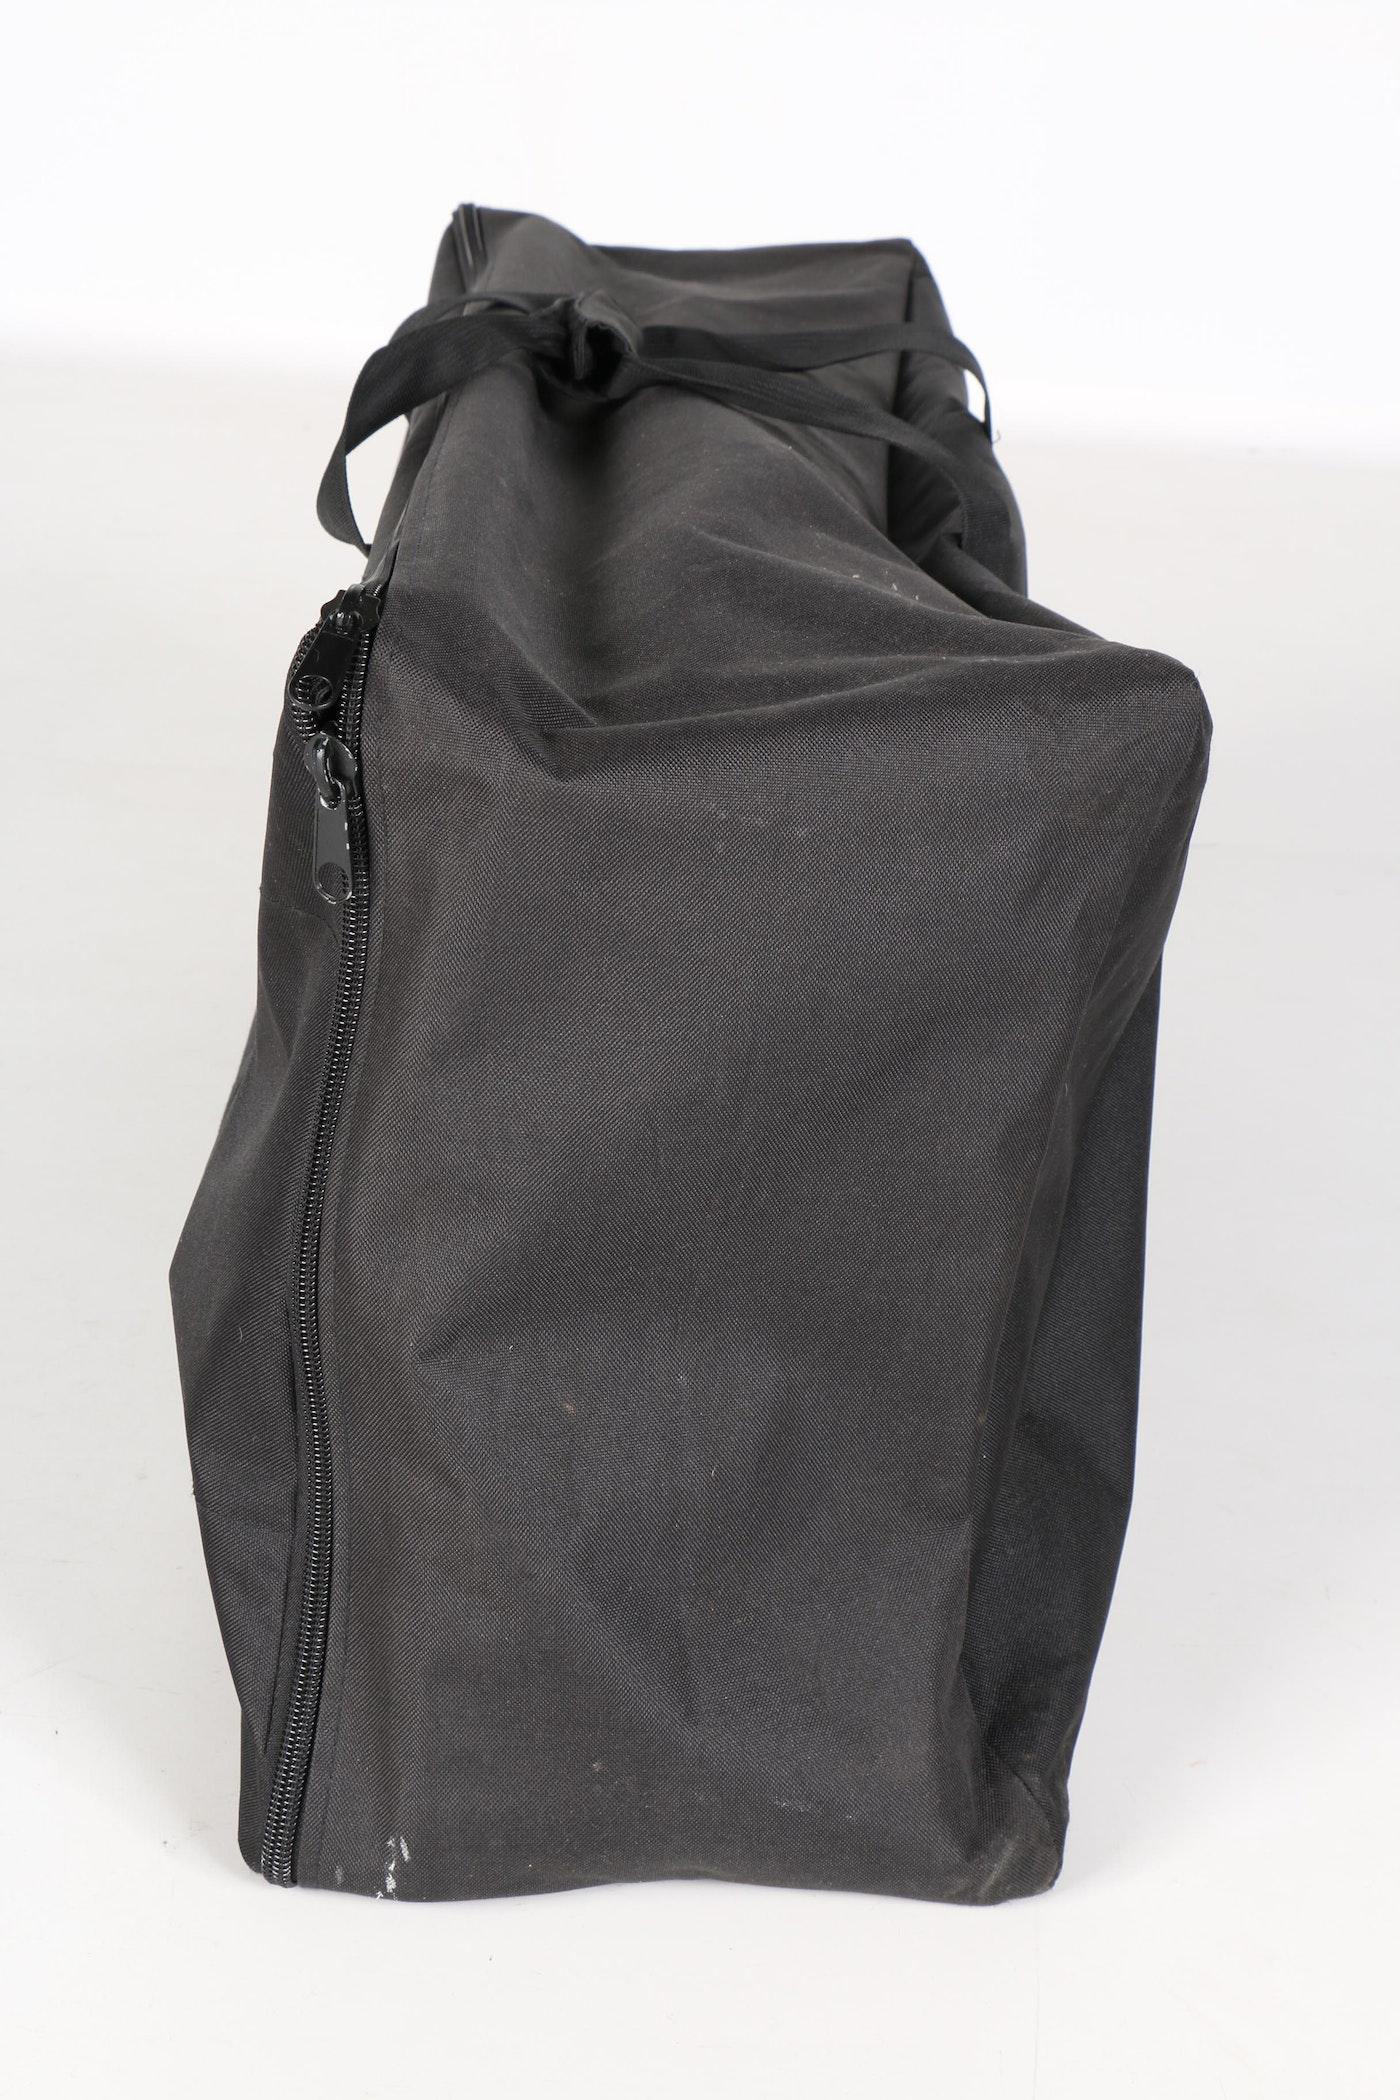 Expedition 6646 Black C Chef 3x Grill With Carry Bag E6646m Red Original Ebth